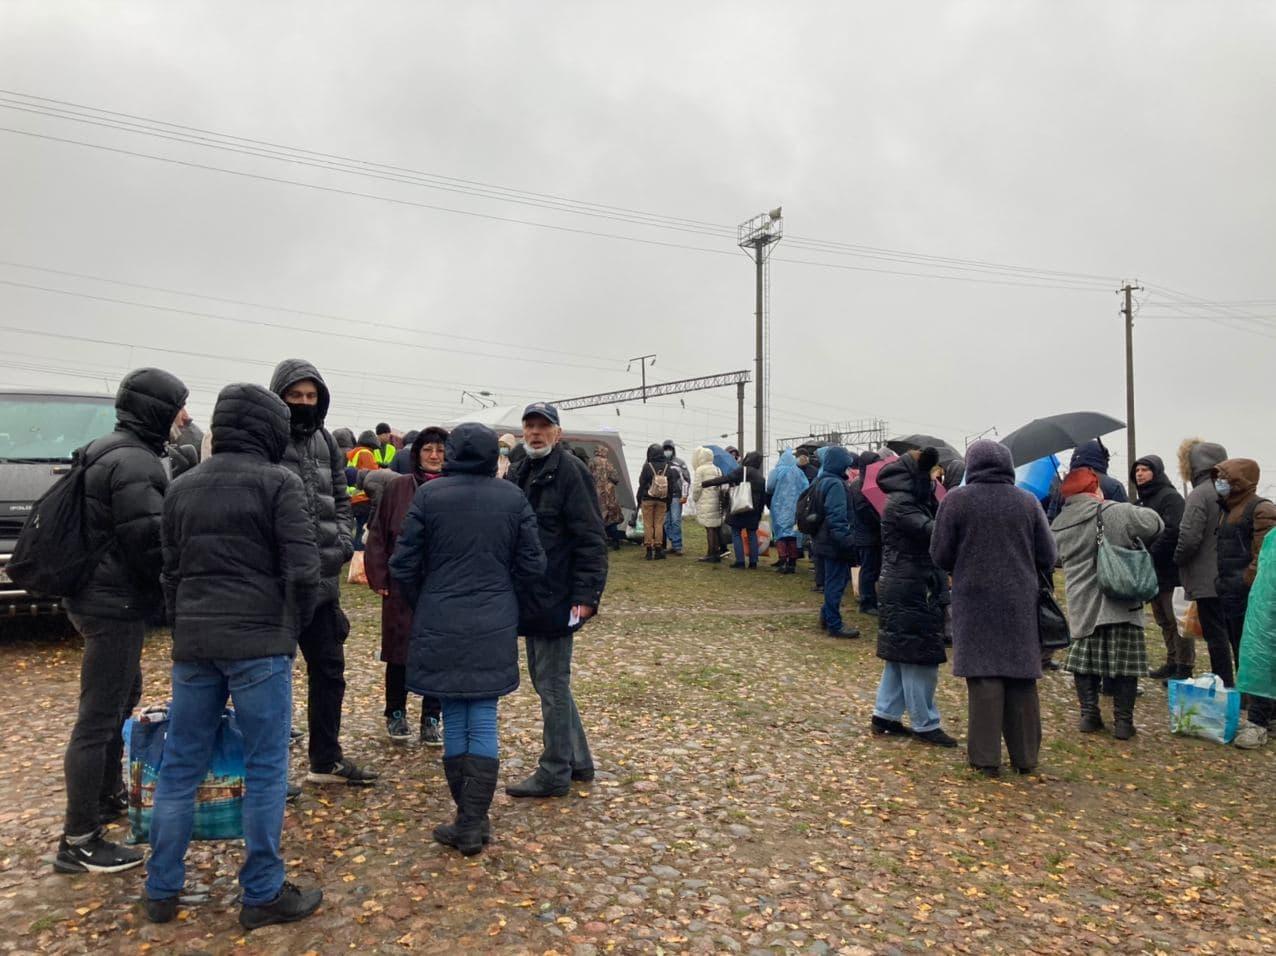 Люди, которые хотят передать передачу задержанным во время протестов, стоят в очереди во вторник, 17 ноября. Фото: Ирина КОМИК